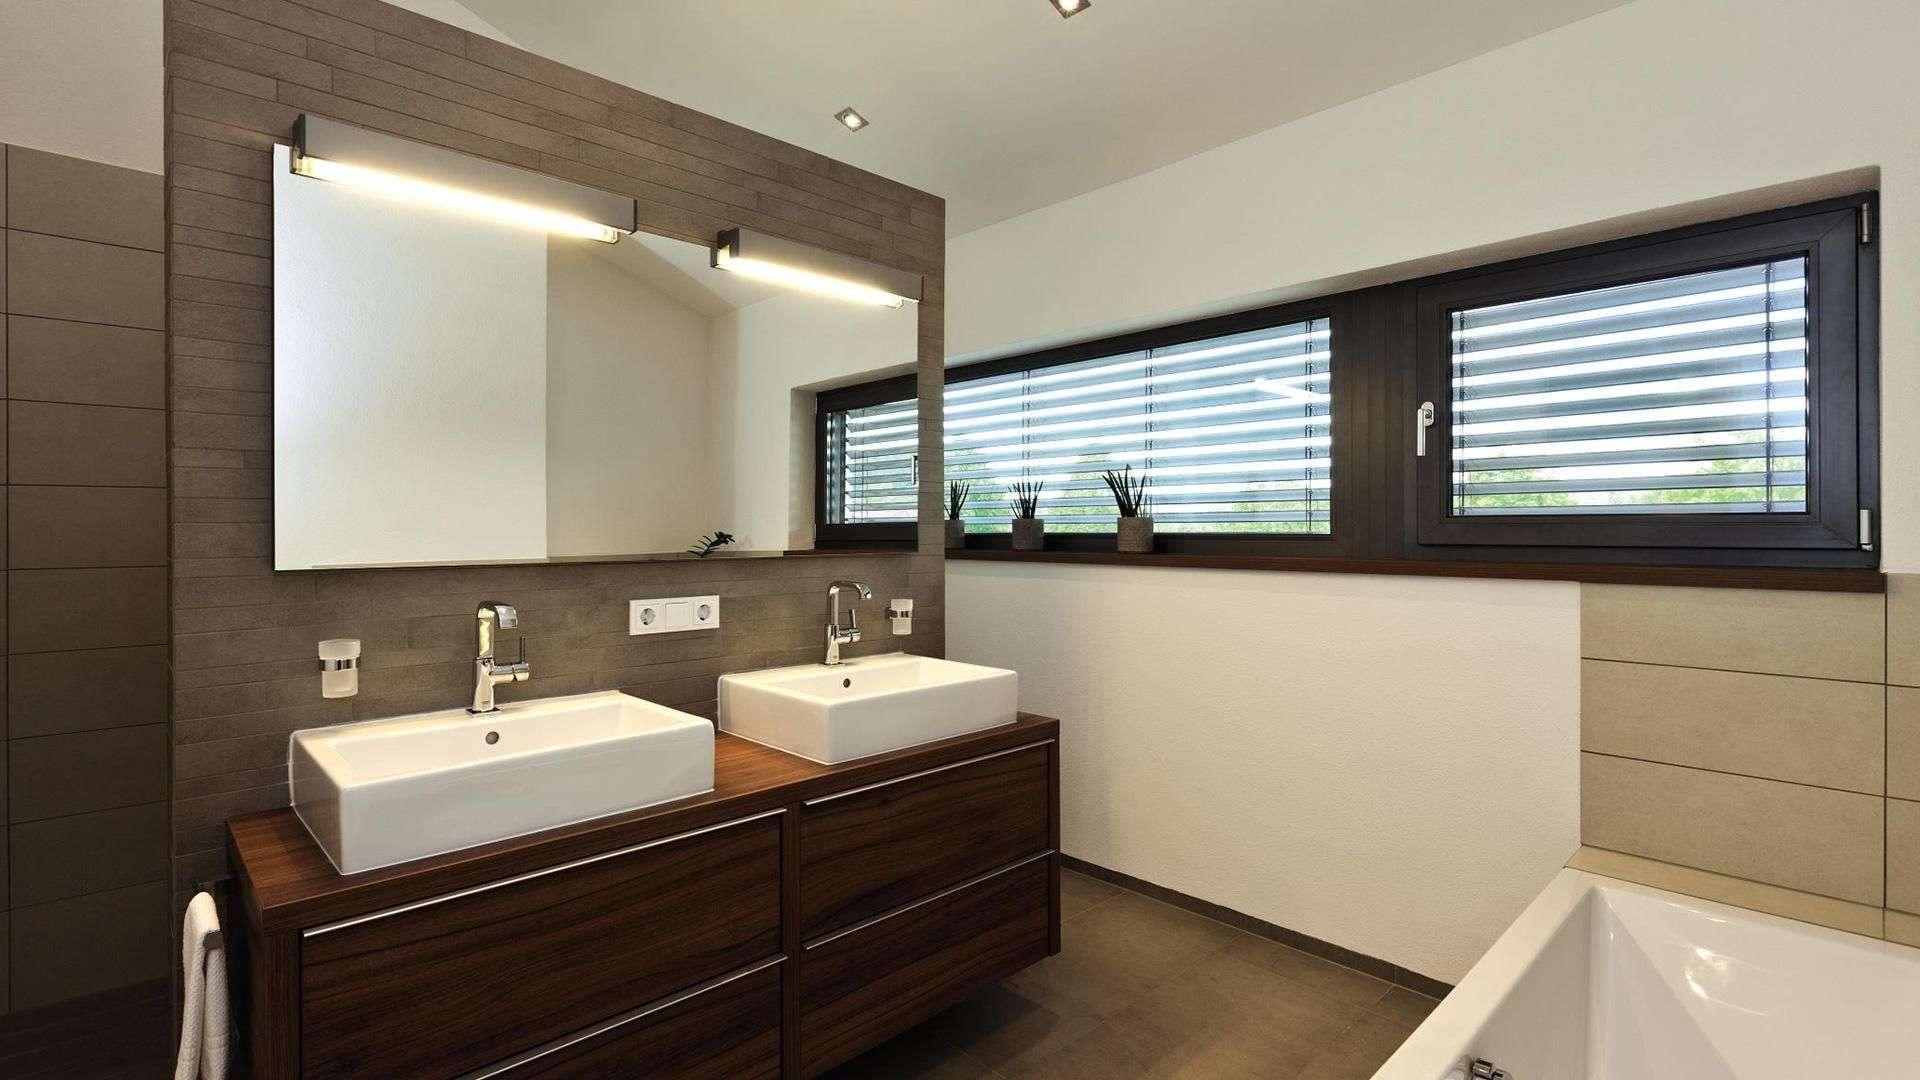 Badezimmer mit schmalen langen Fenstern mit Sonnenschutz-Rollos